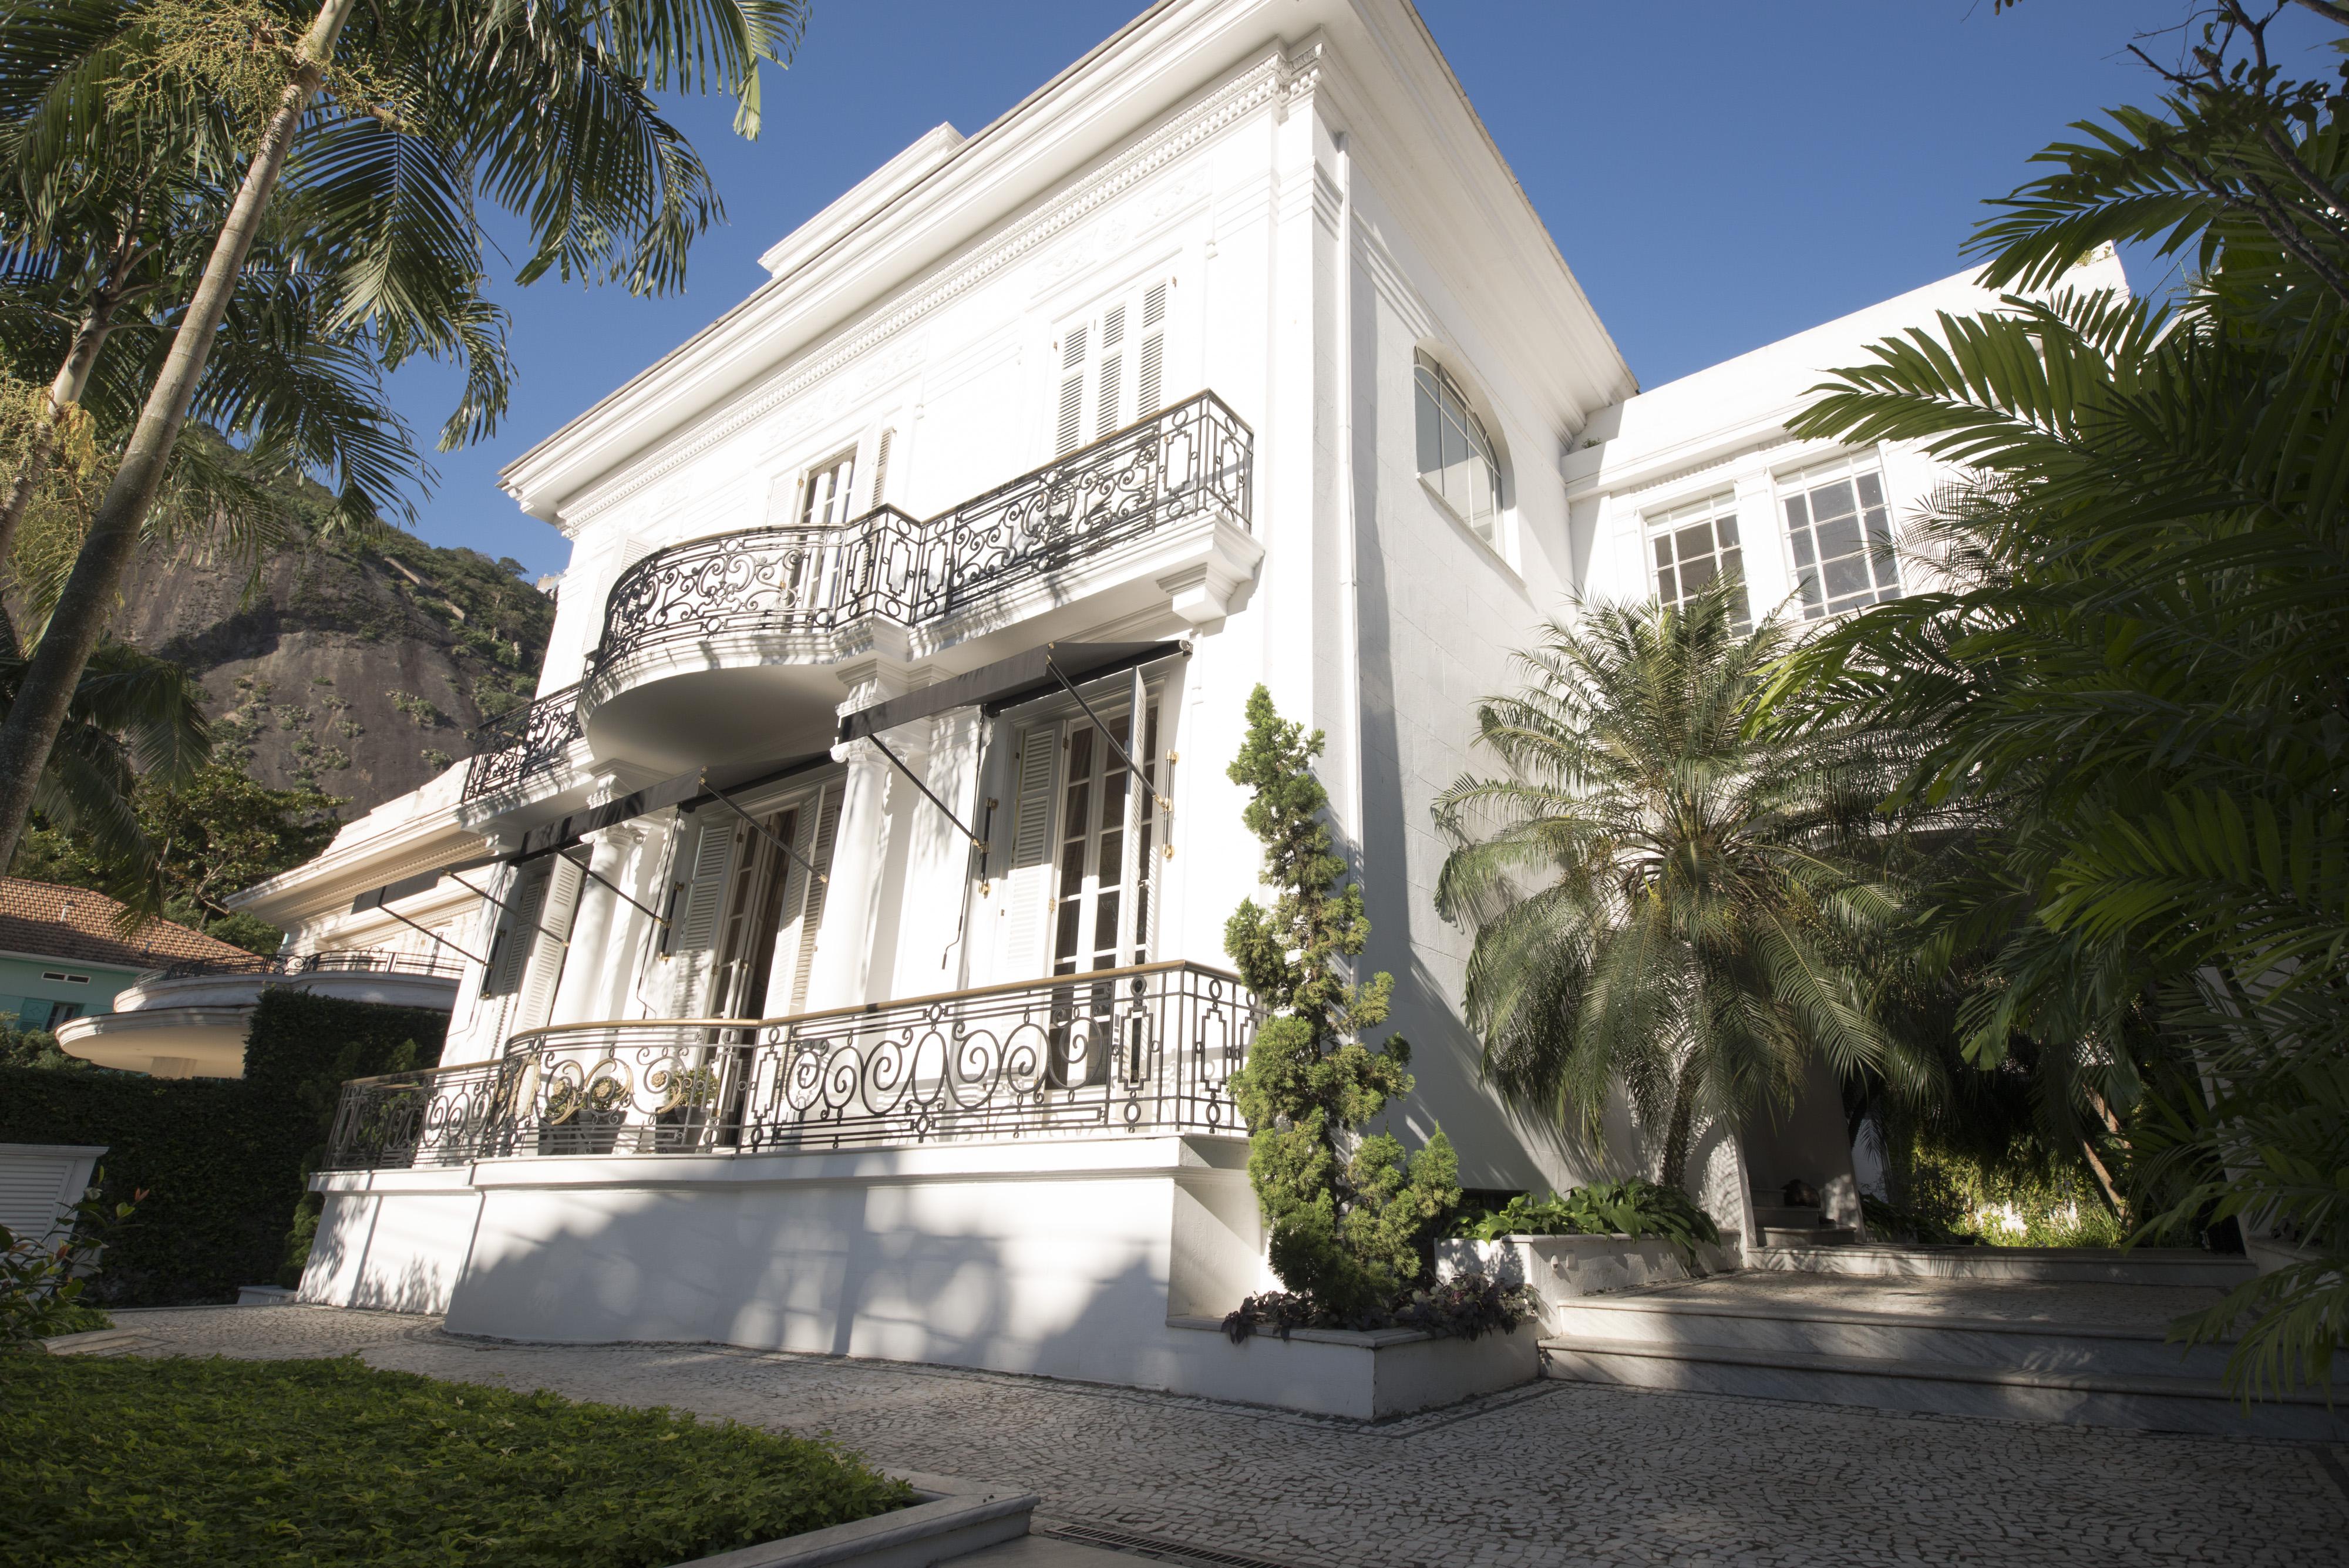 Частный односемейный дом для того Продажа на XX Century Mansion Rua Urbano Santos Rio De Janeiro, Рио-Де-Жанейро, 22290260 Бразилия